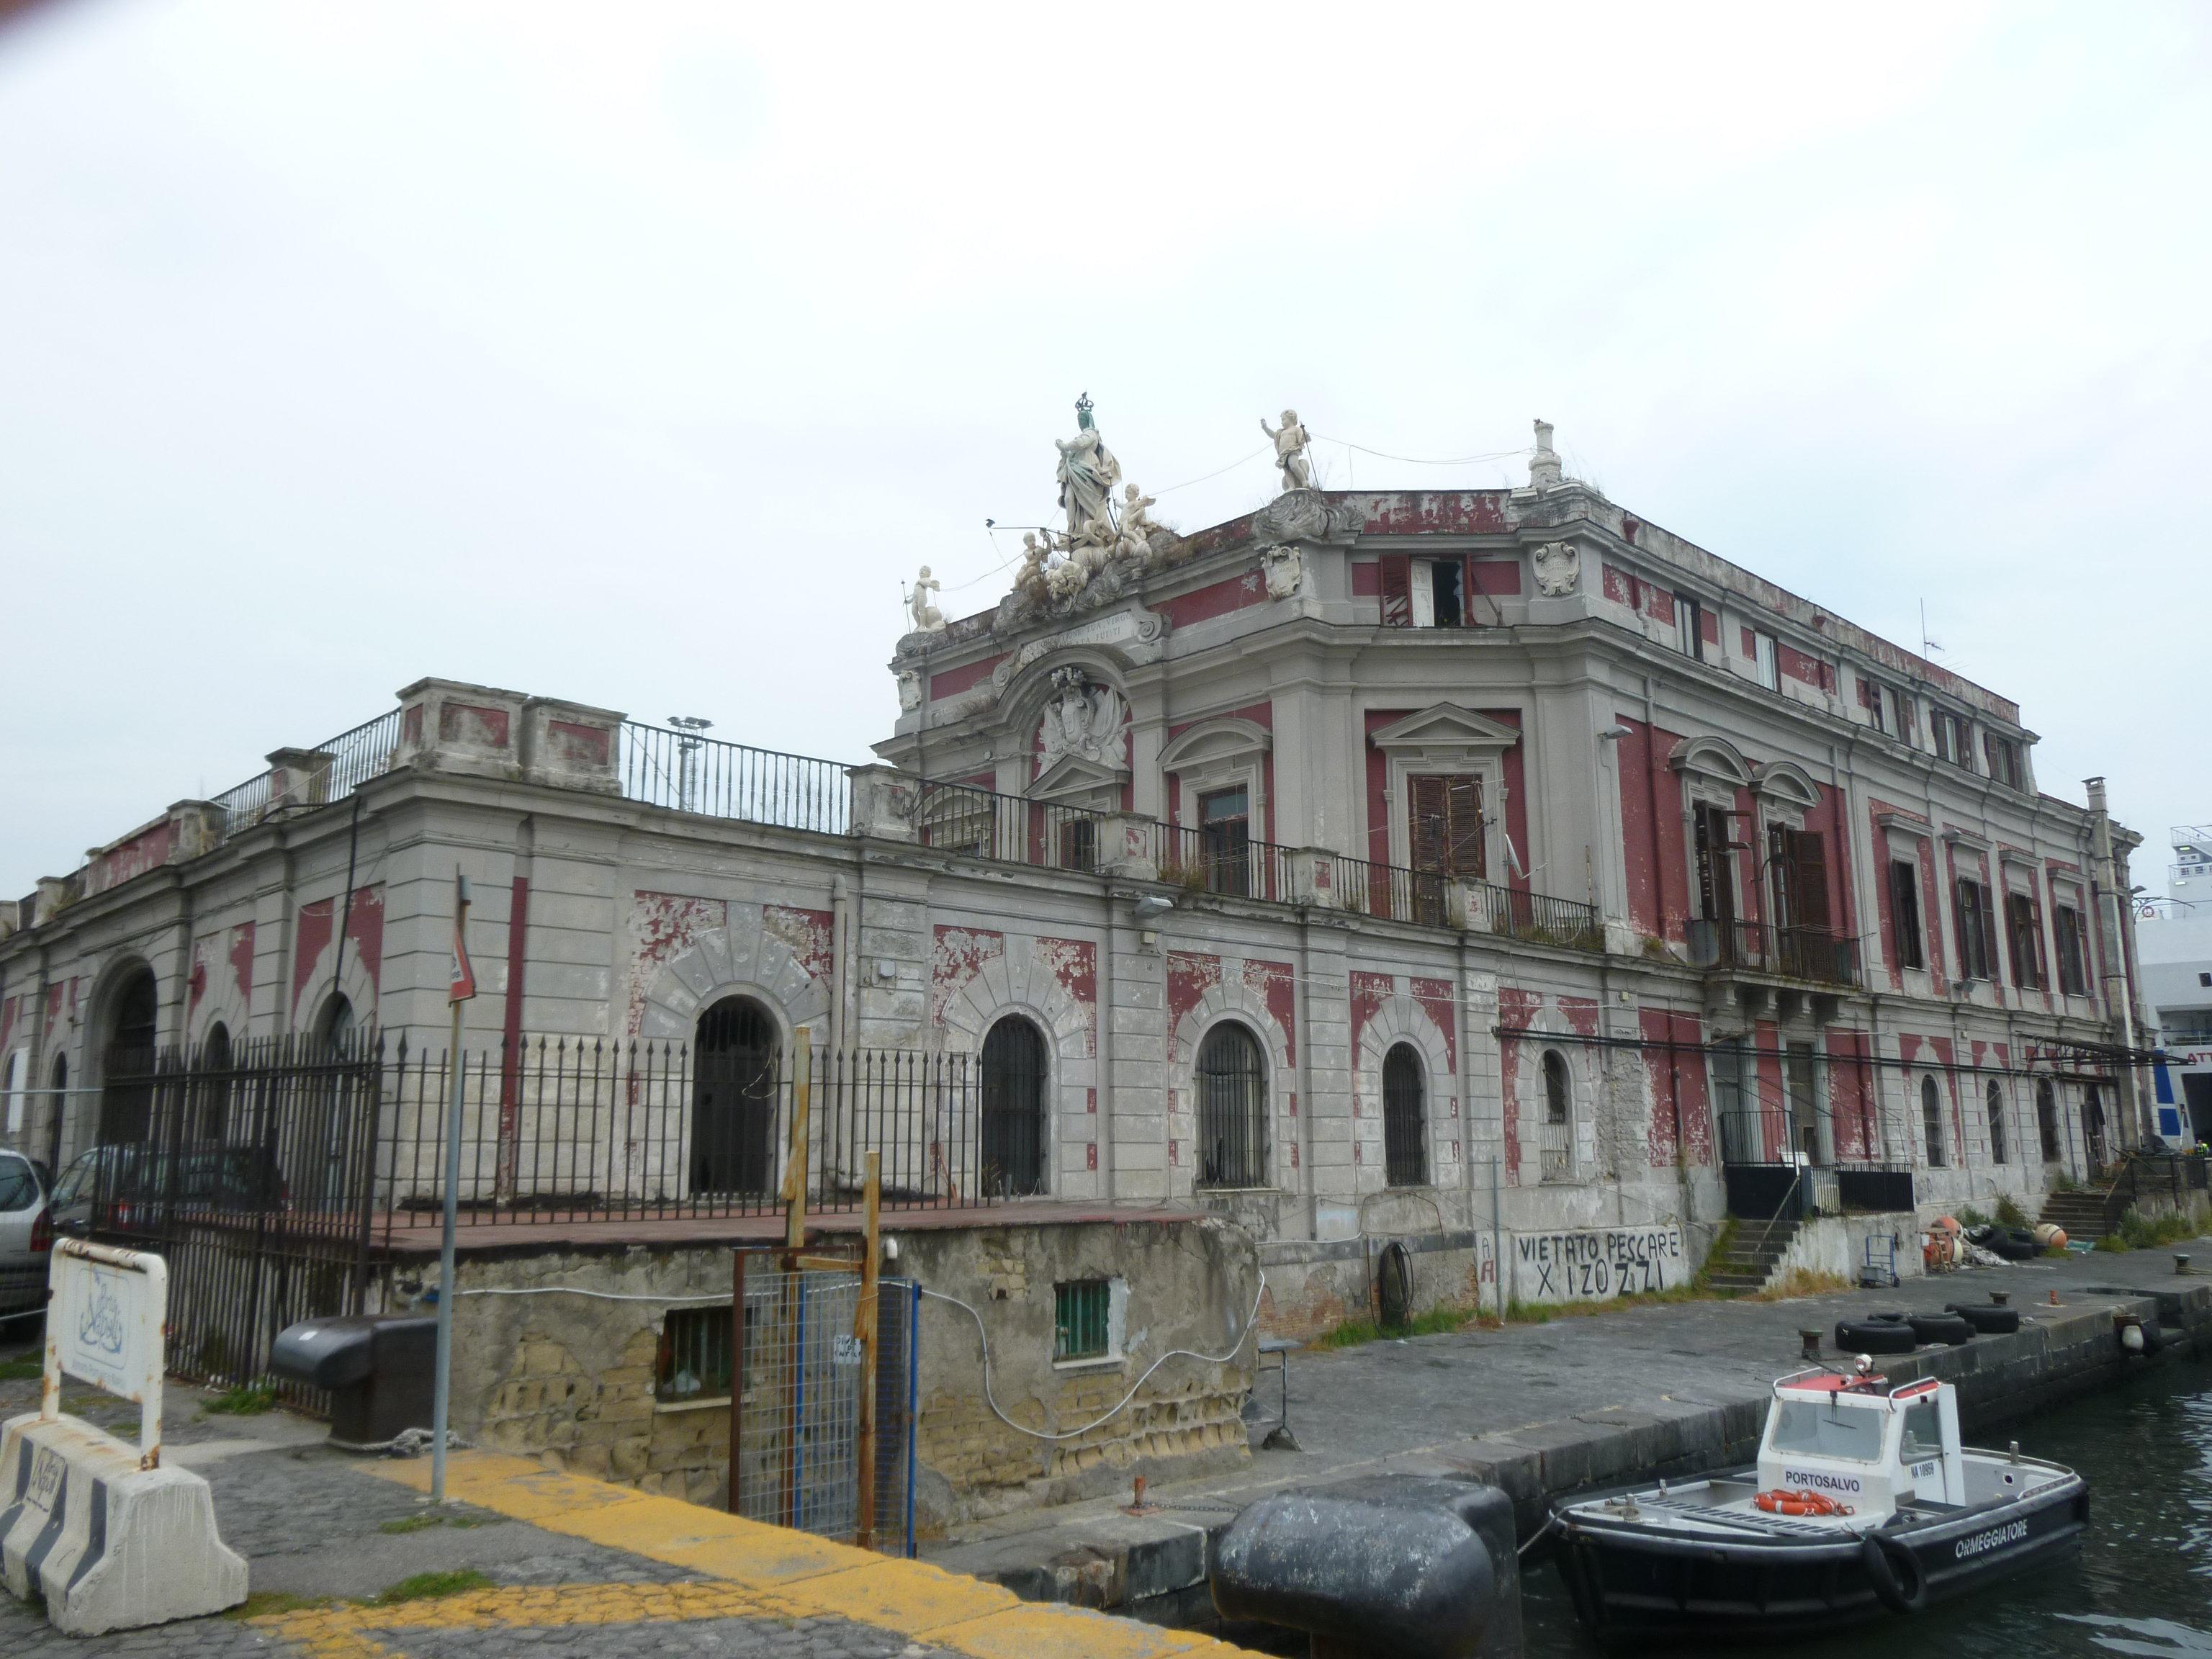 Napoli-1040156.jpg